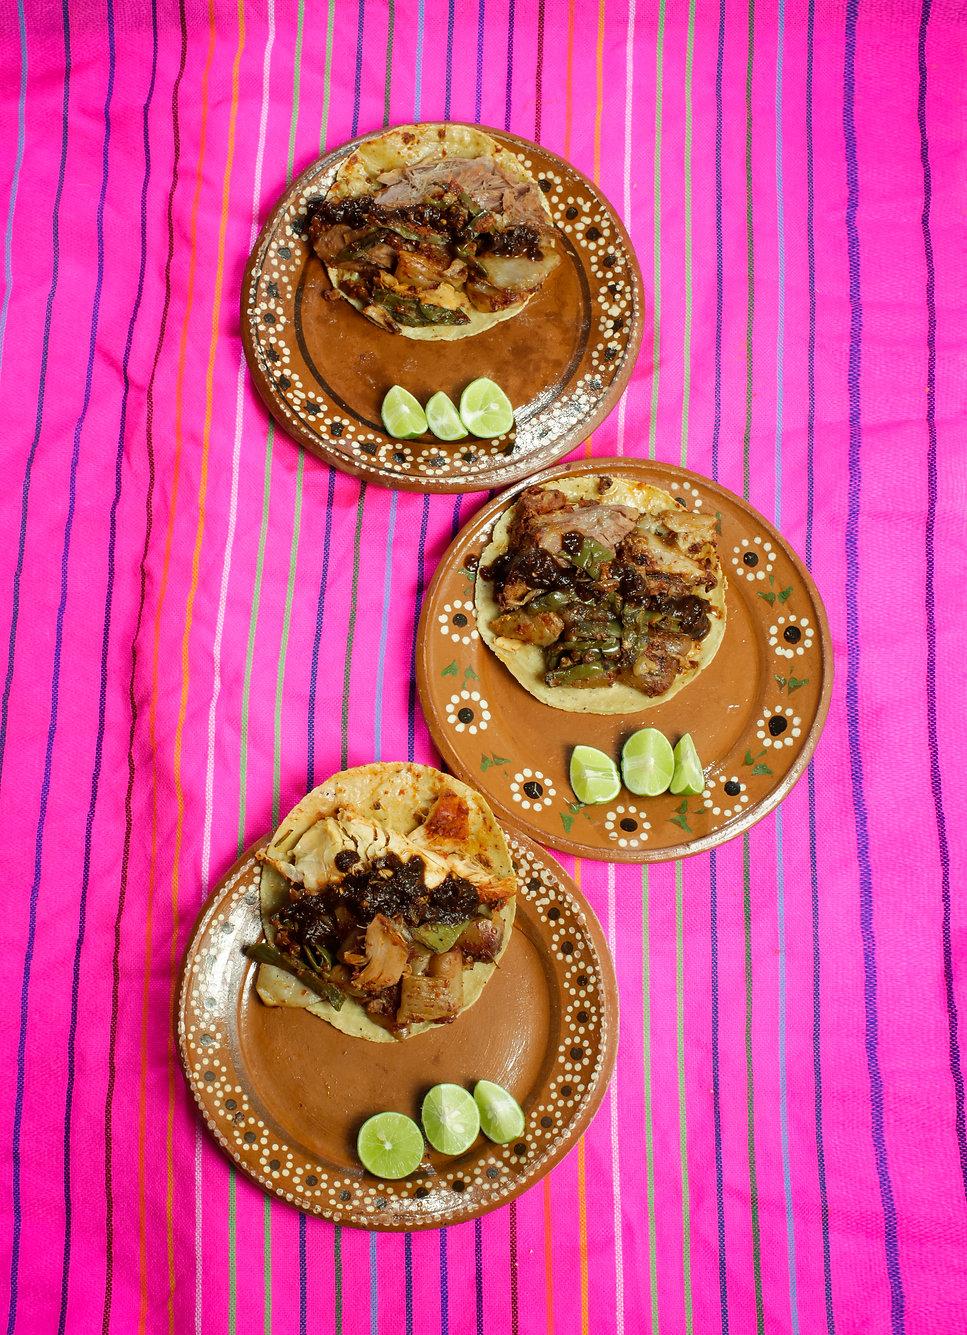 ximbo-actopan-el-moreno-pabellon-tacos-1